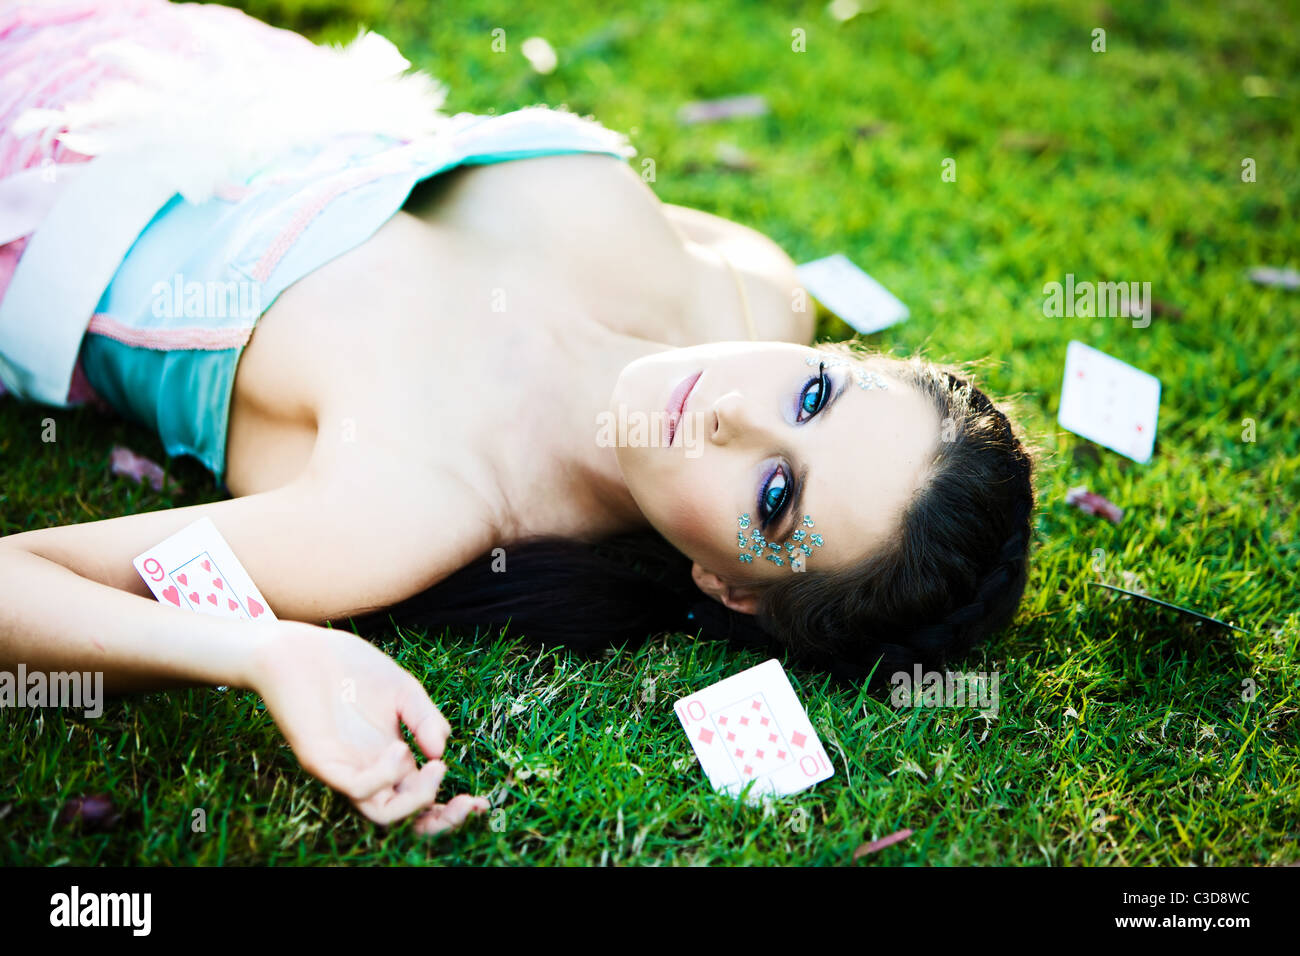 Giovane donna misteriosa con carte nell'erba intorno Immagini Stock